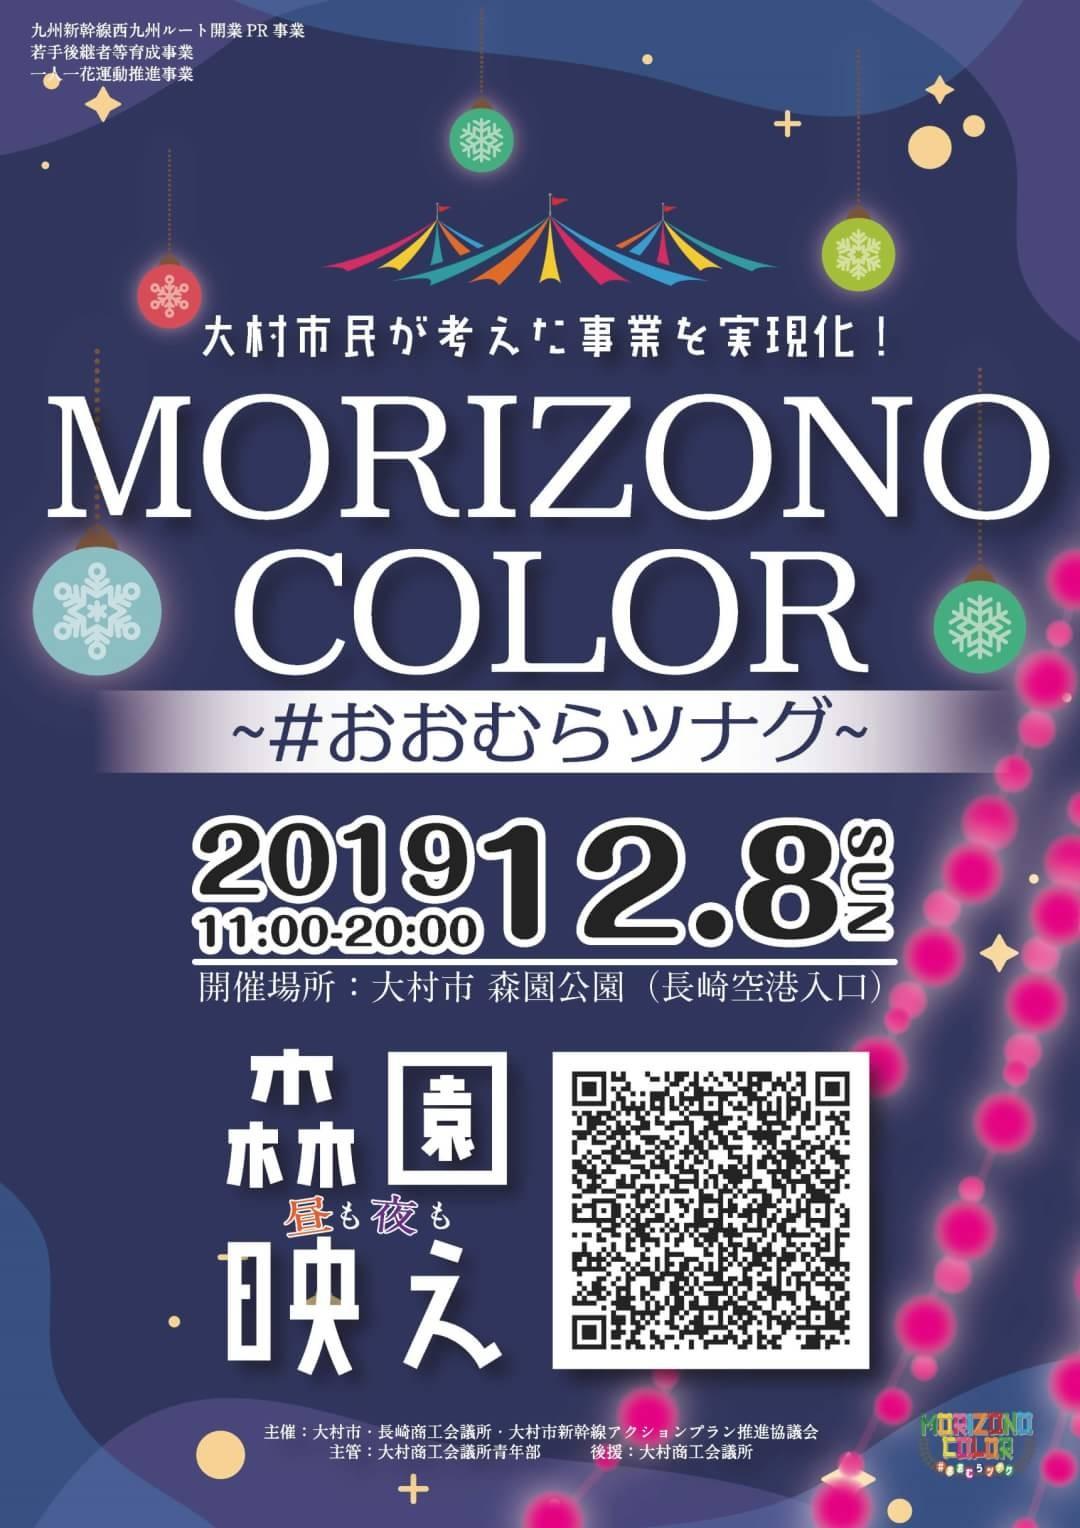 大村イベント情報(MORIZONO COLOR~#大村ツナグ~)